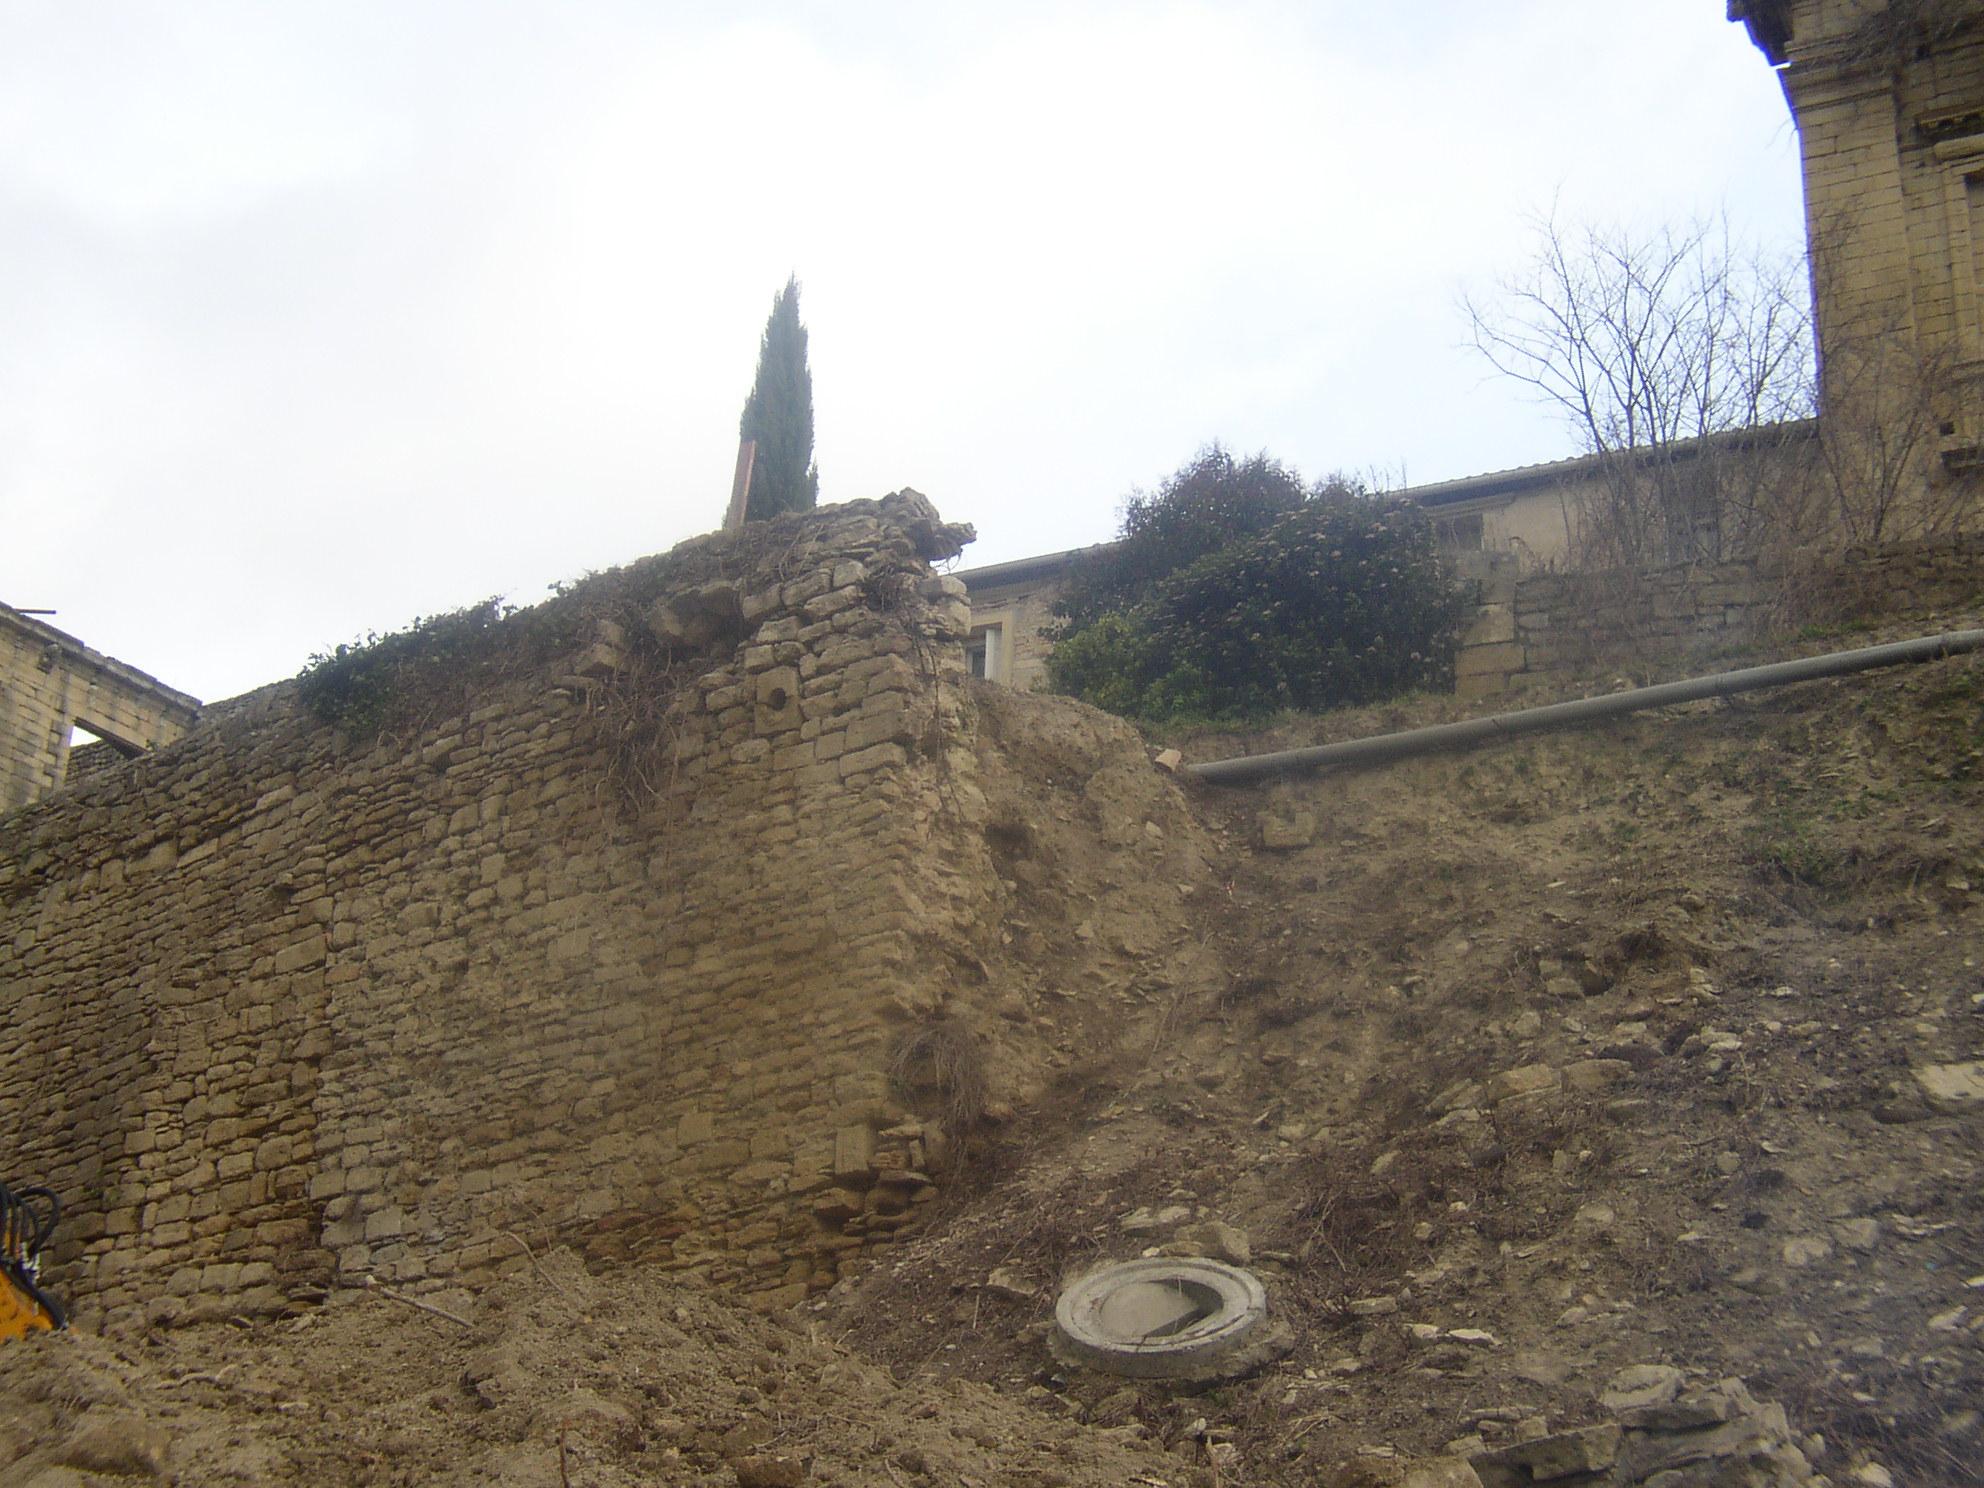 Desportes Rénovation Gard : Terrassement au pied du mur du Château d'Aubais